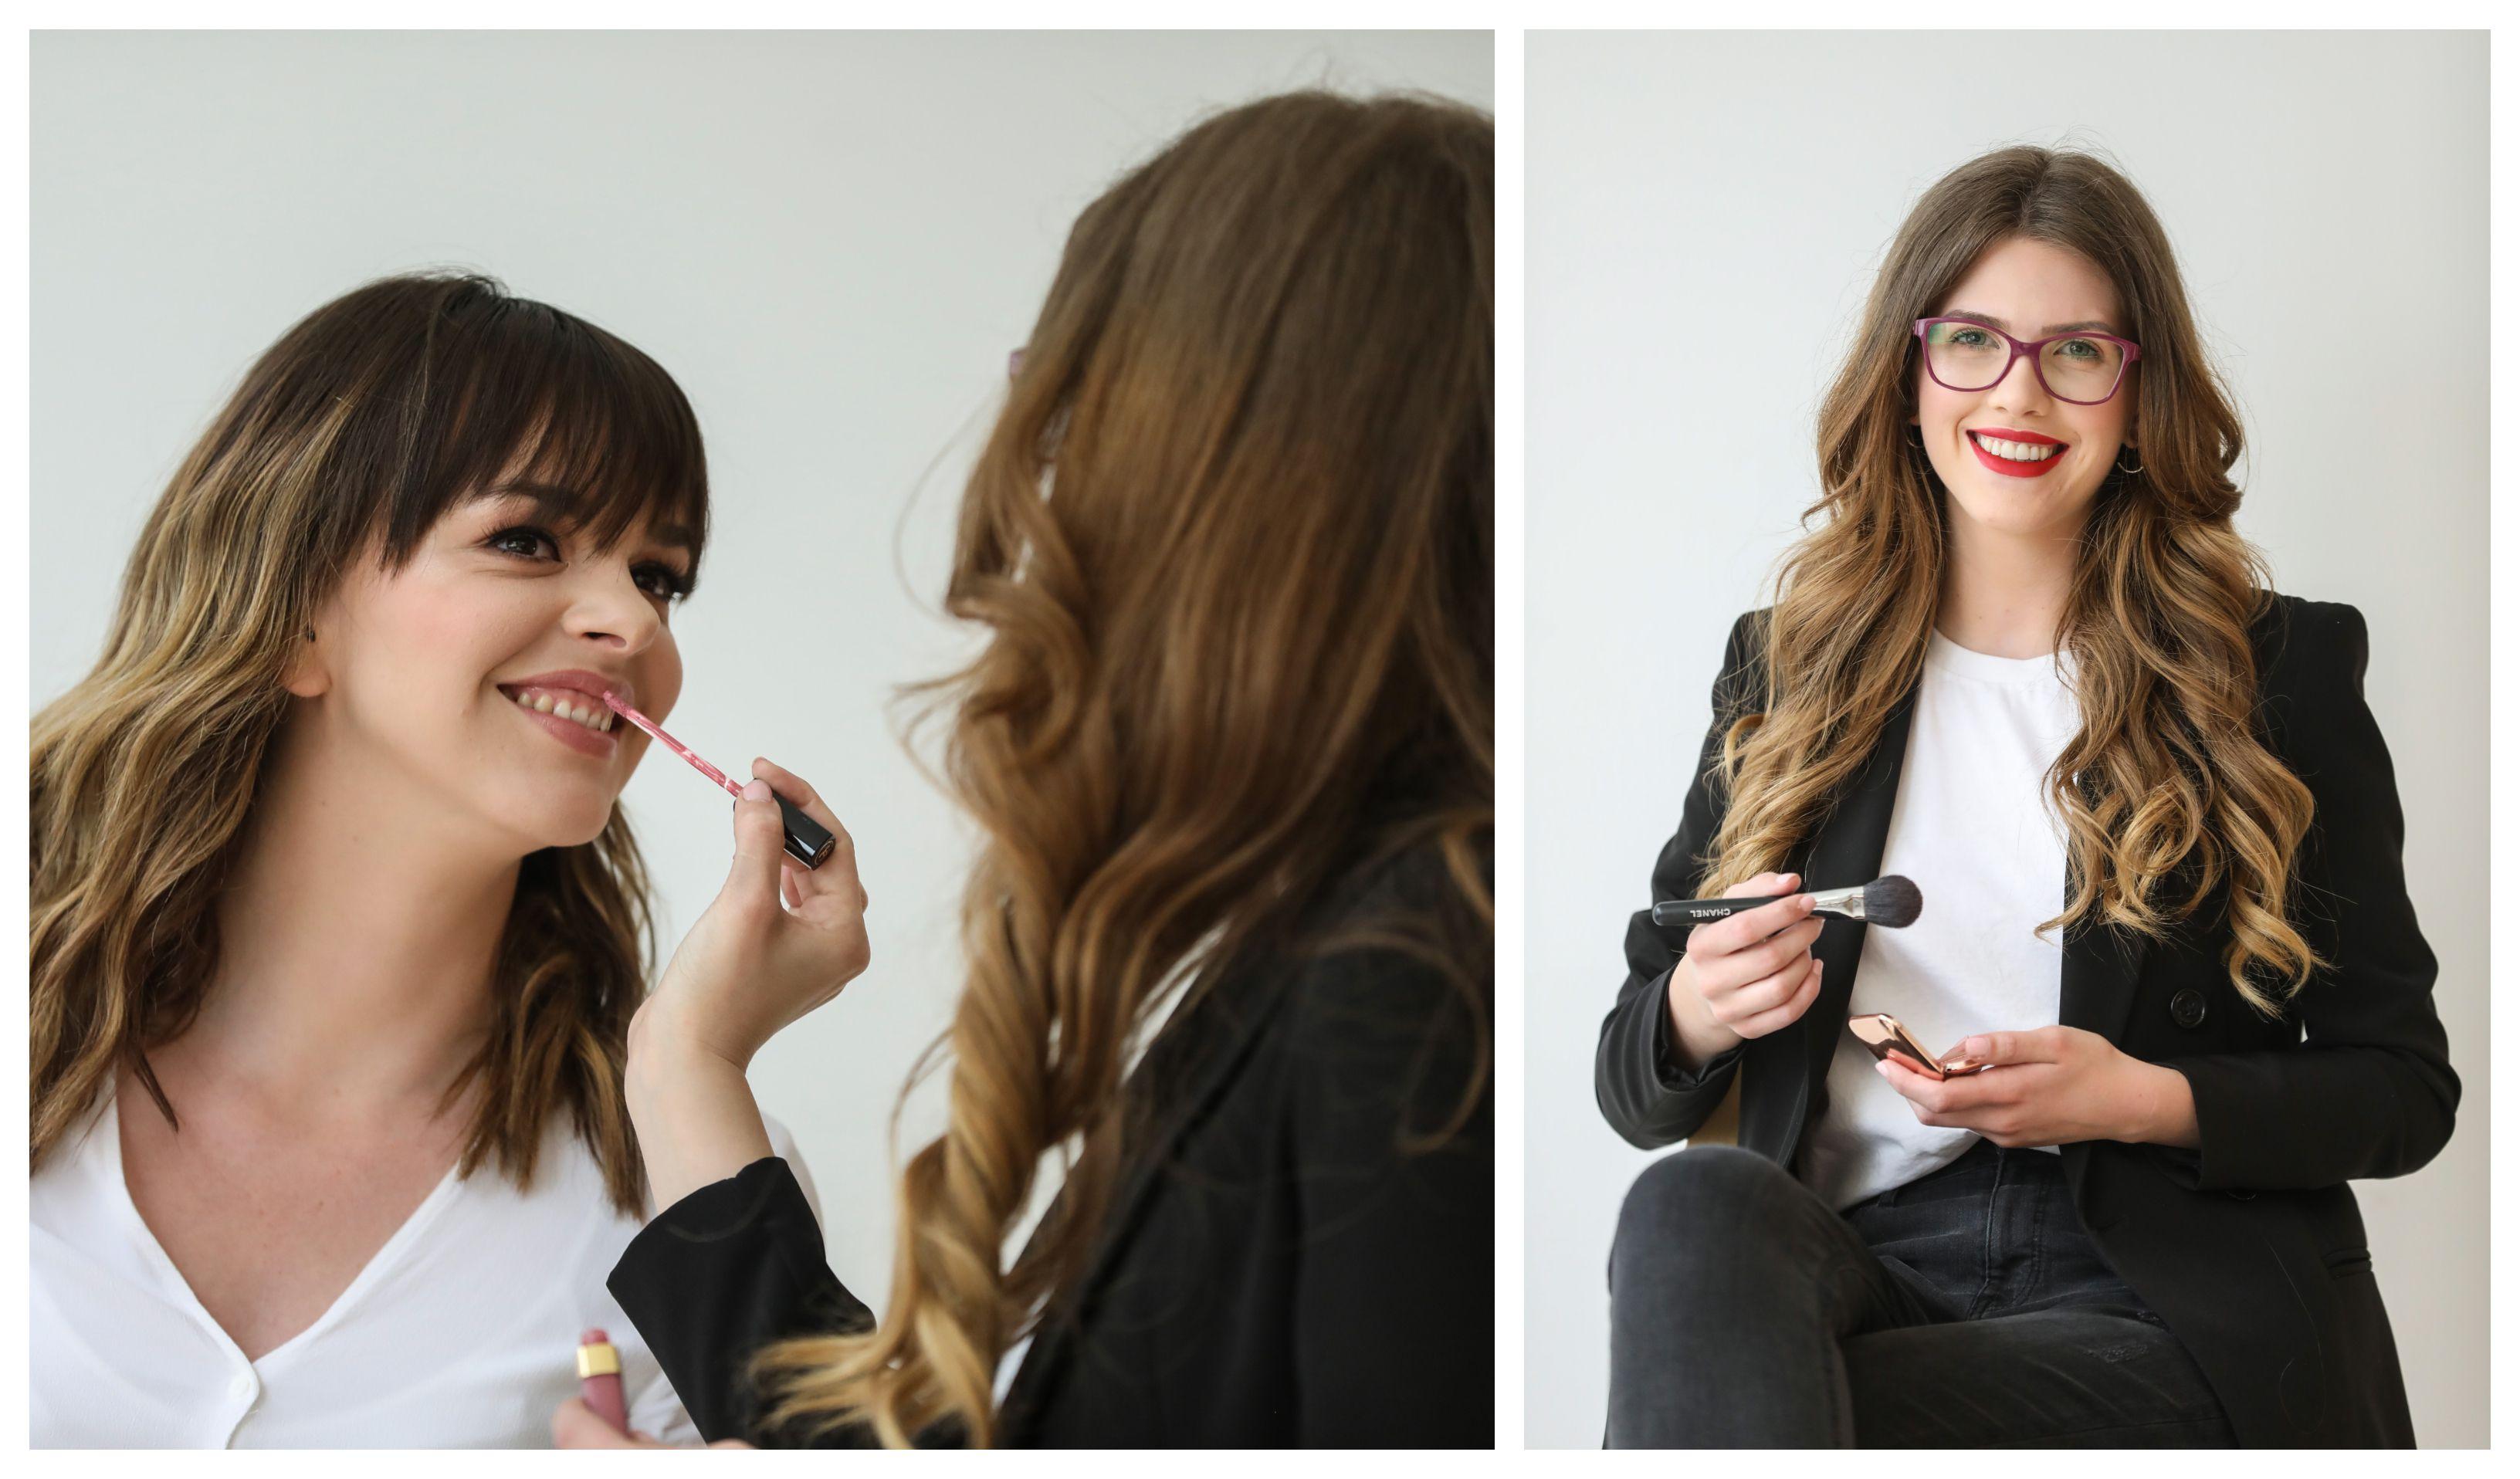 Vizažistica otkriva: Možda još važnije od šminke je da mladenke naprave piling lica par dana prije!